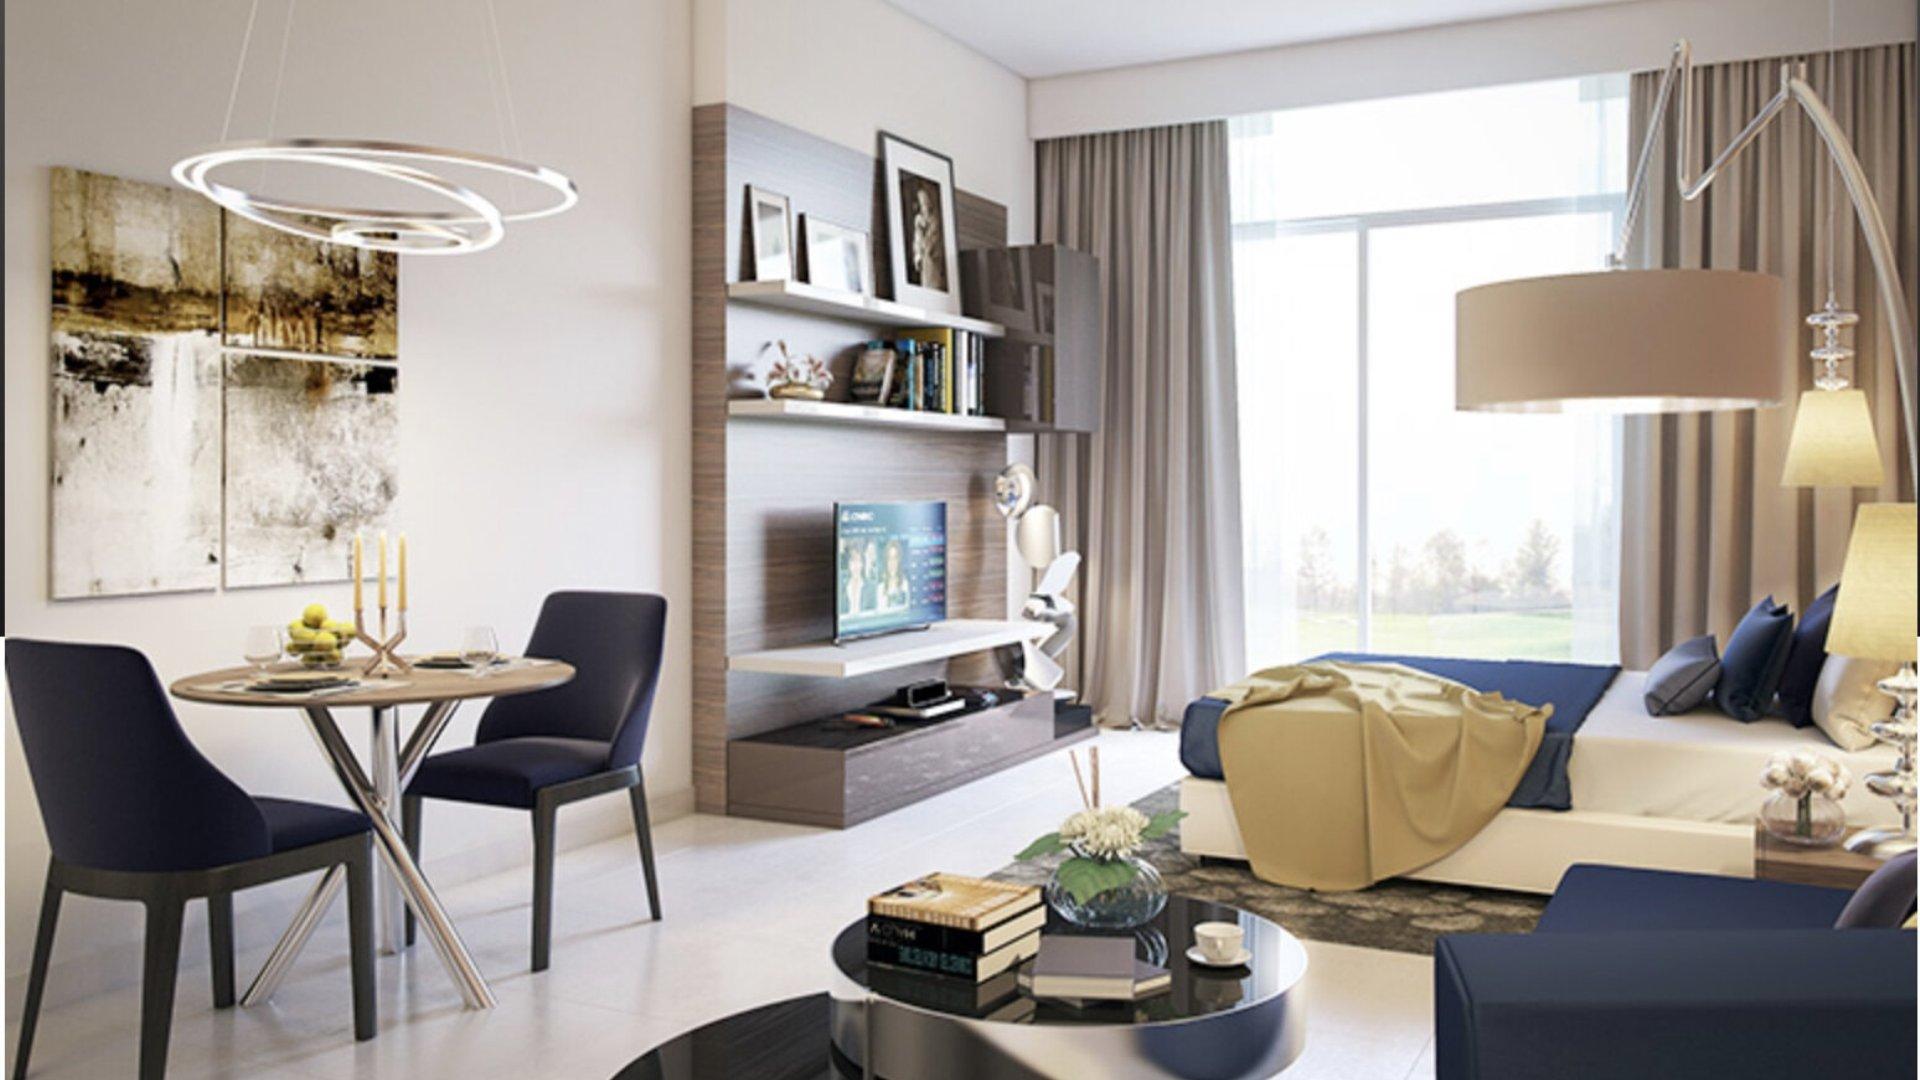 Adosado en venta en Dubai, EAU, 3 dormitorios, 309 m2, № 24287 – foto 4